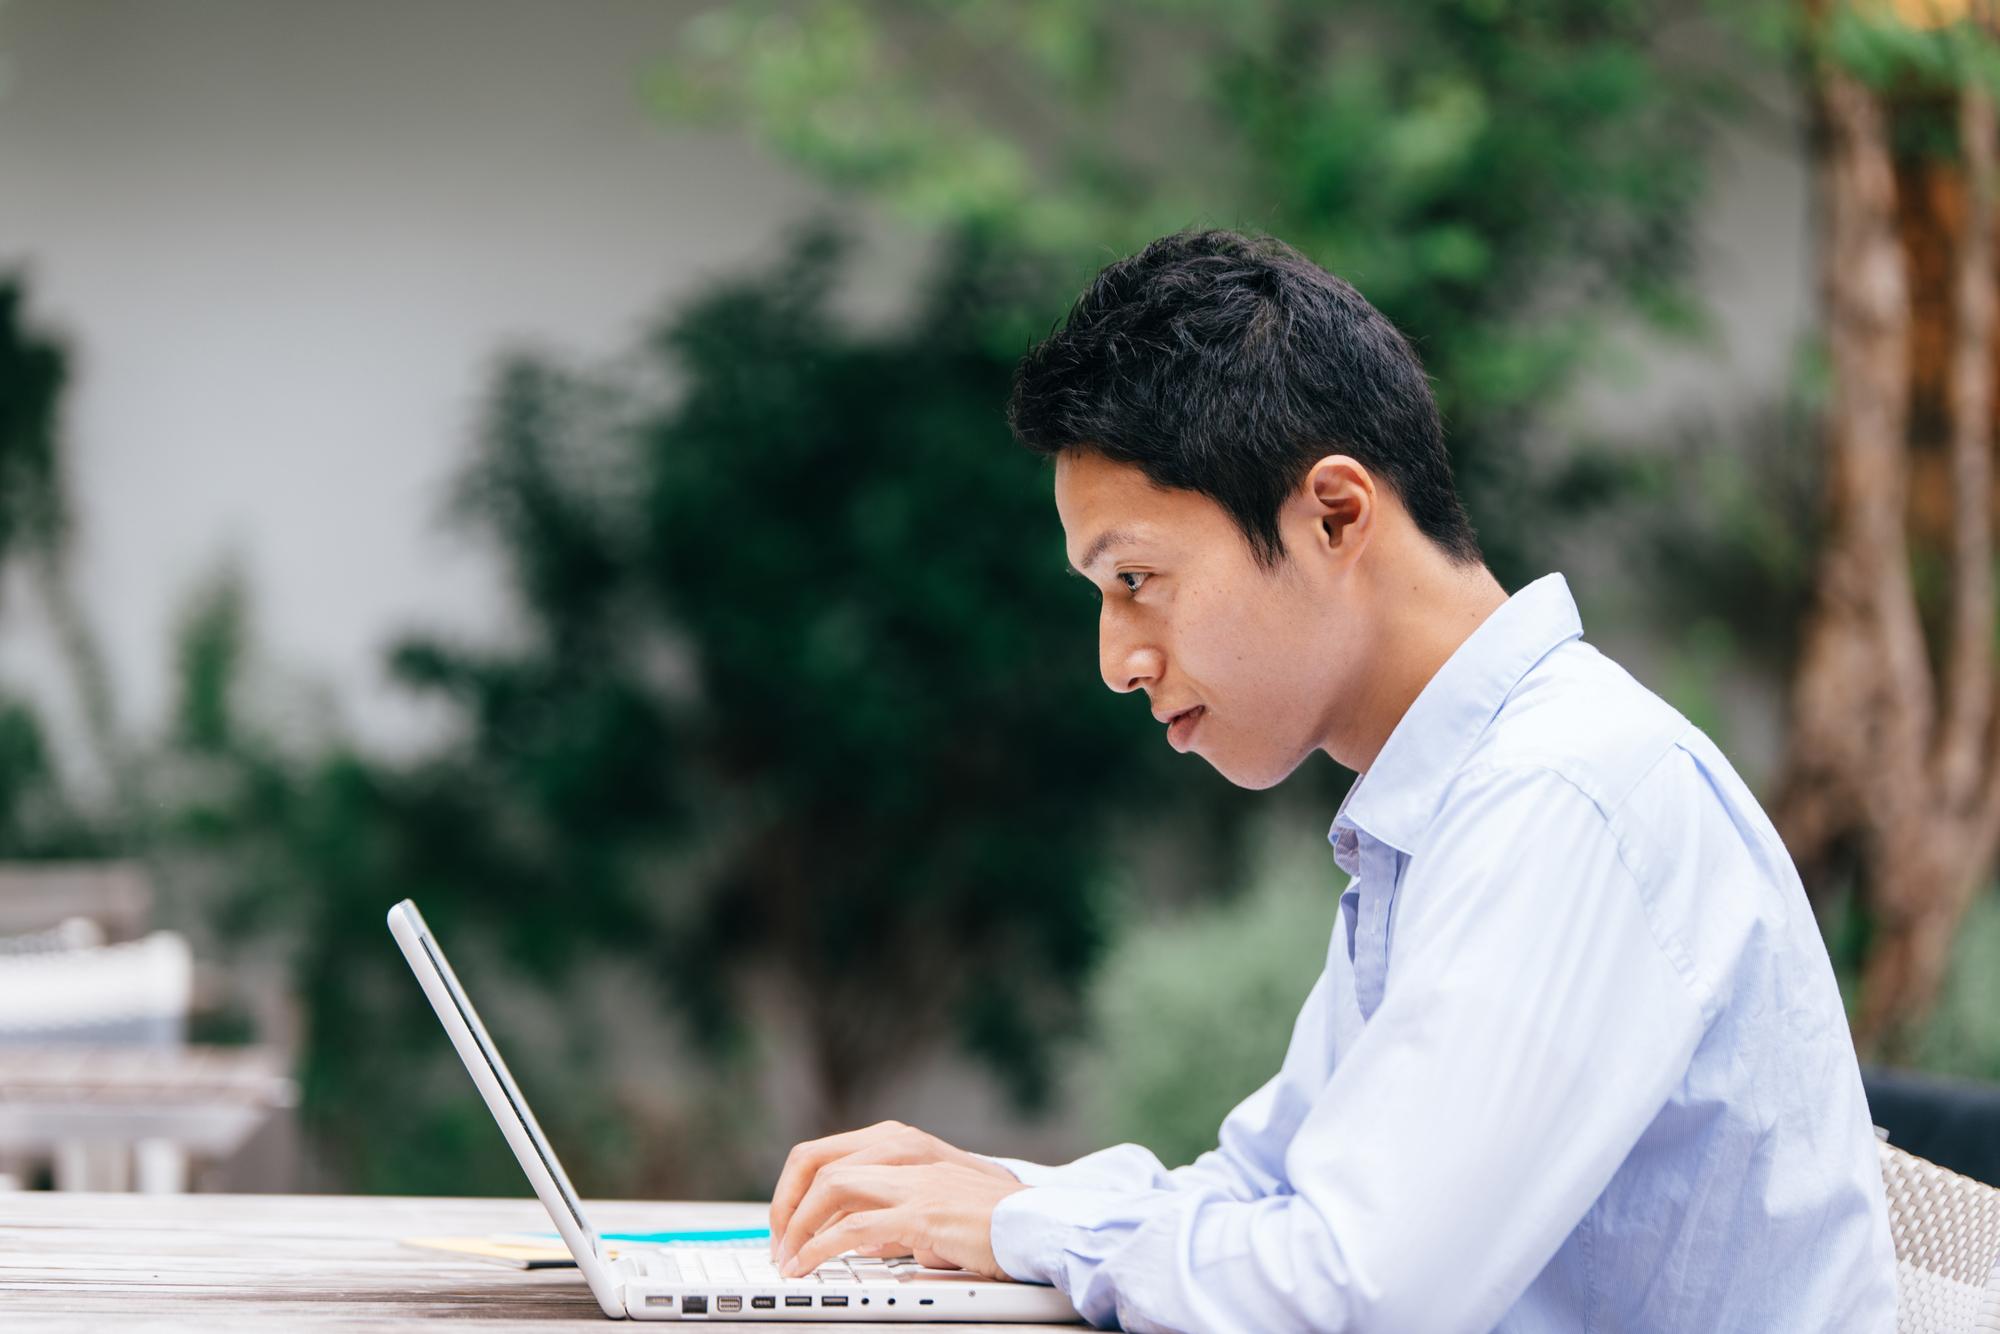 インサイドセールスを成功に導くメール営業のコツとは?~件名、テンプレート、おすすめツールをご紹介~